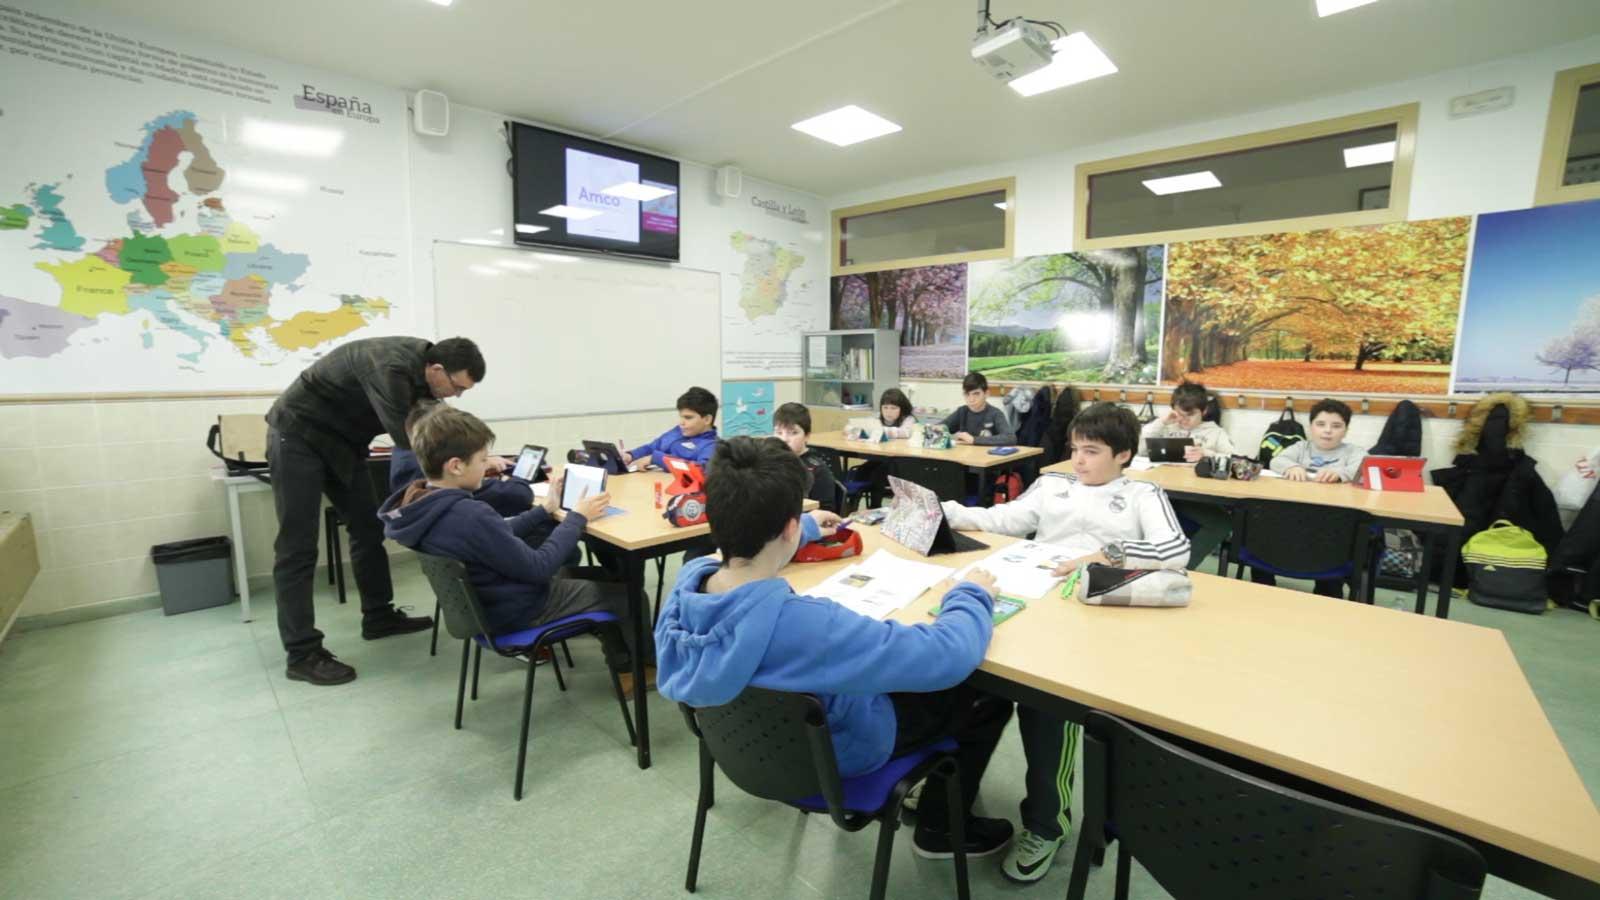 Aula-Laboratorio-de-Aprendizaje-Colegio-San-Gabriel-03